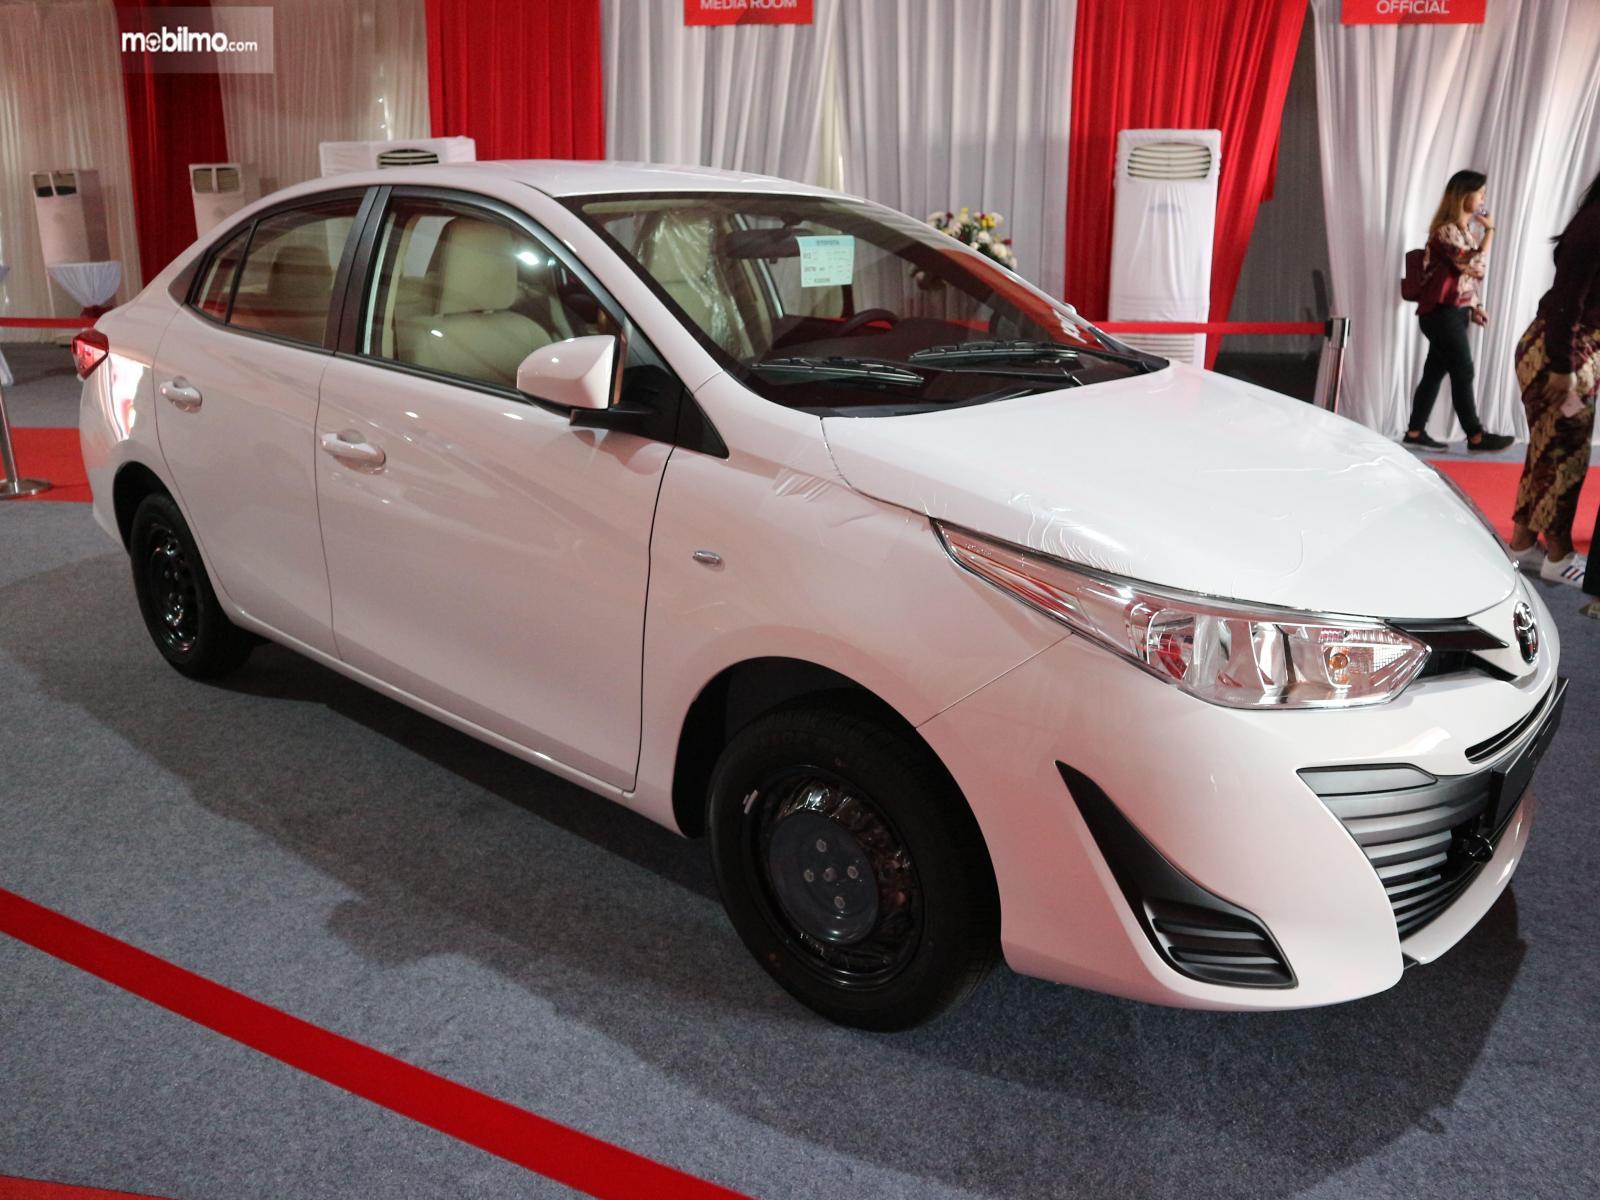 Kelebihan Harga Toyota Vios 2019 Top Model Tahun Ini